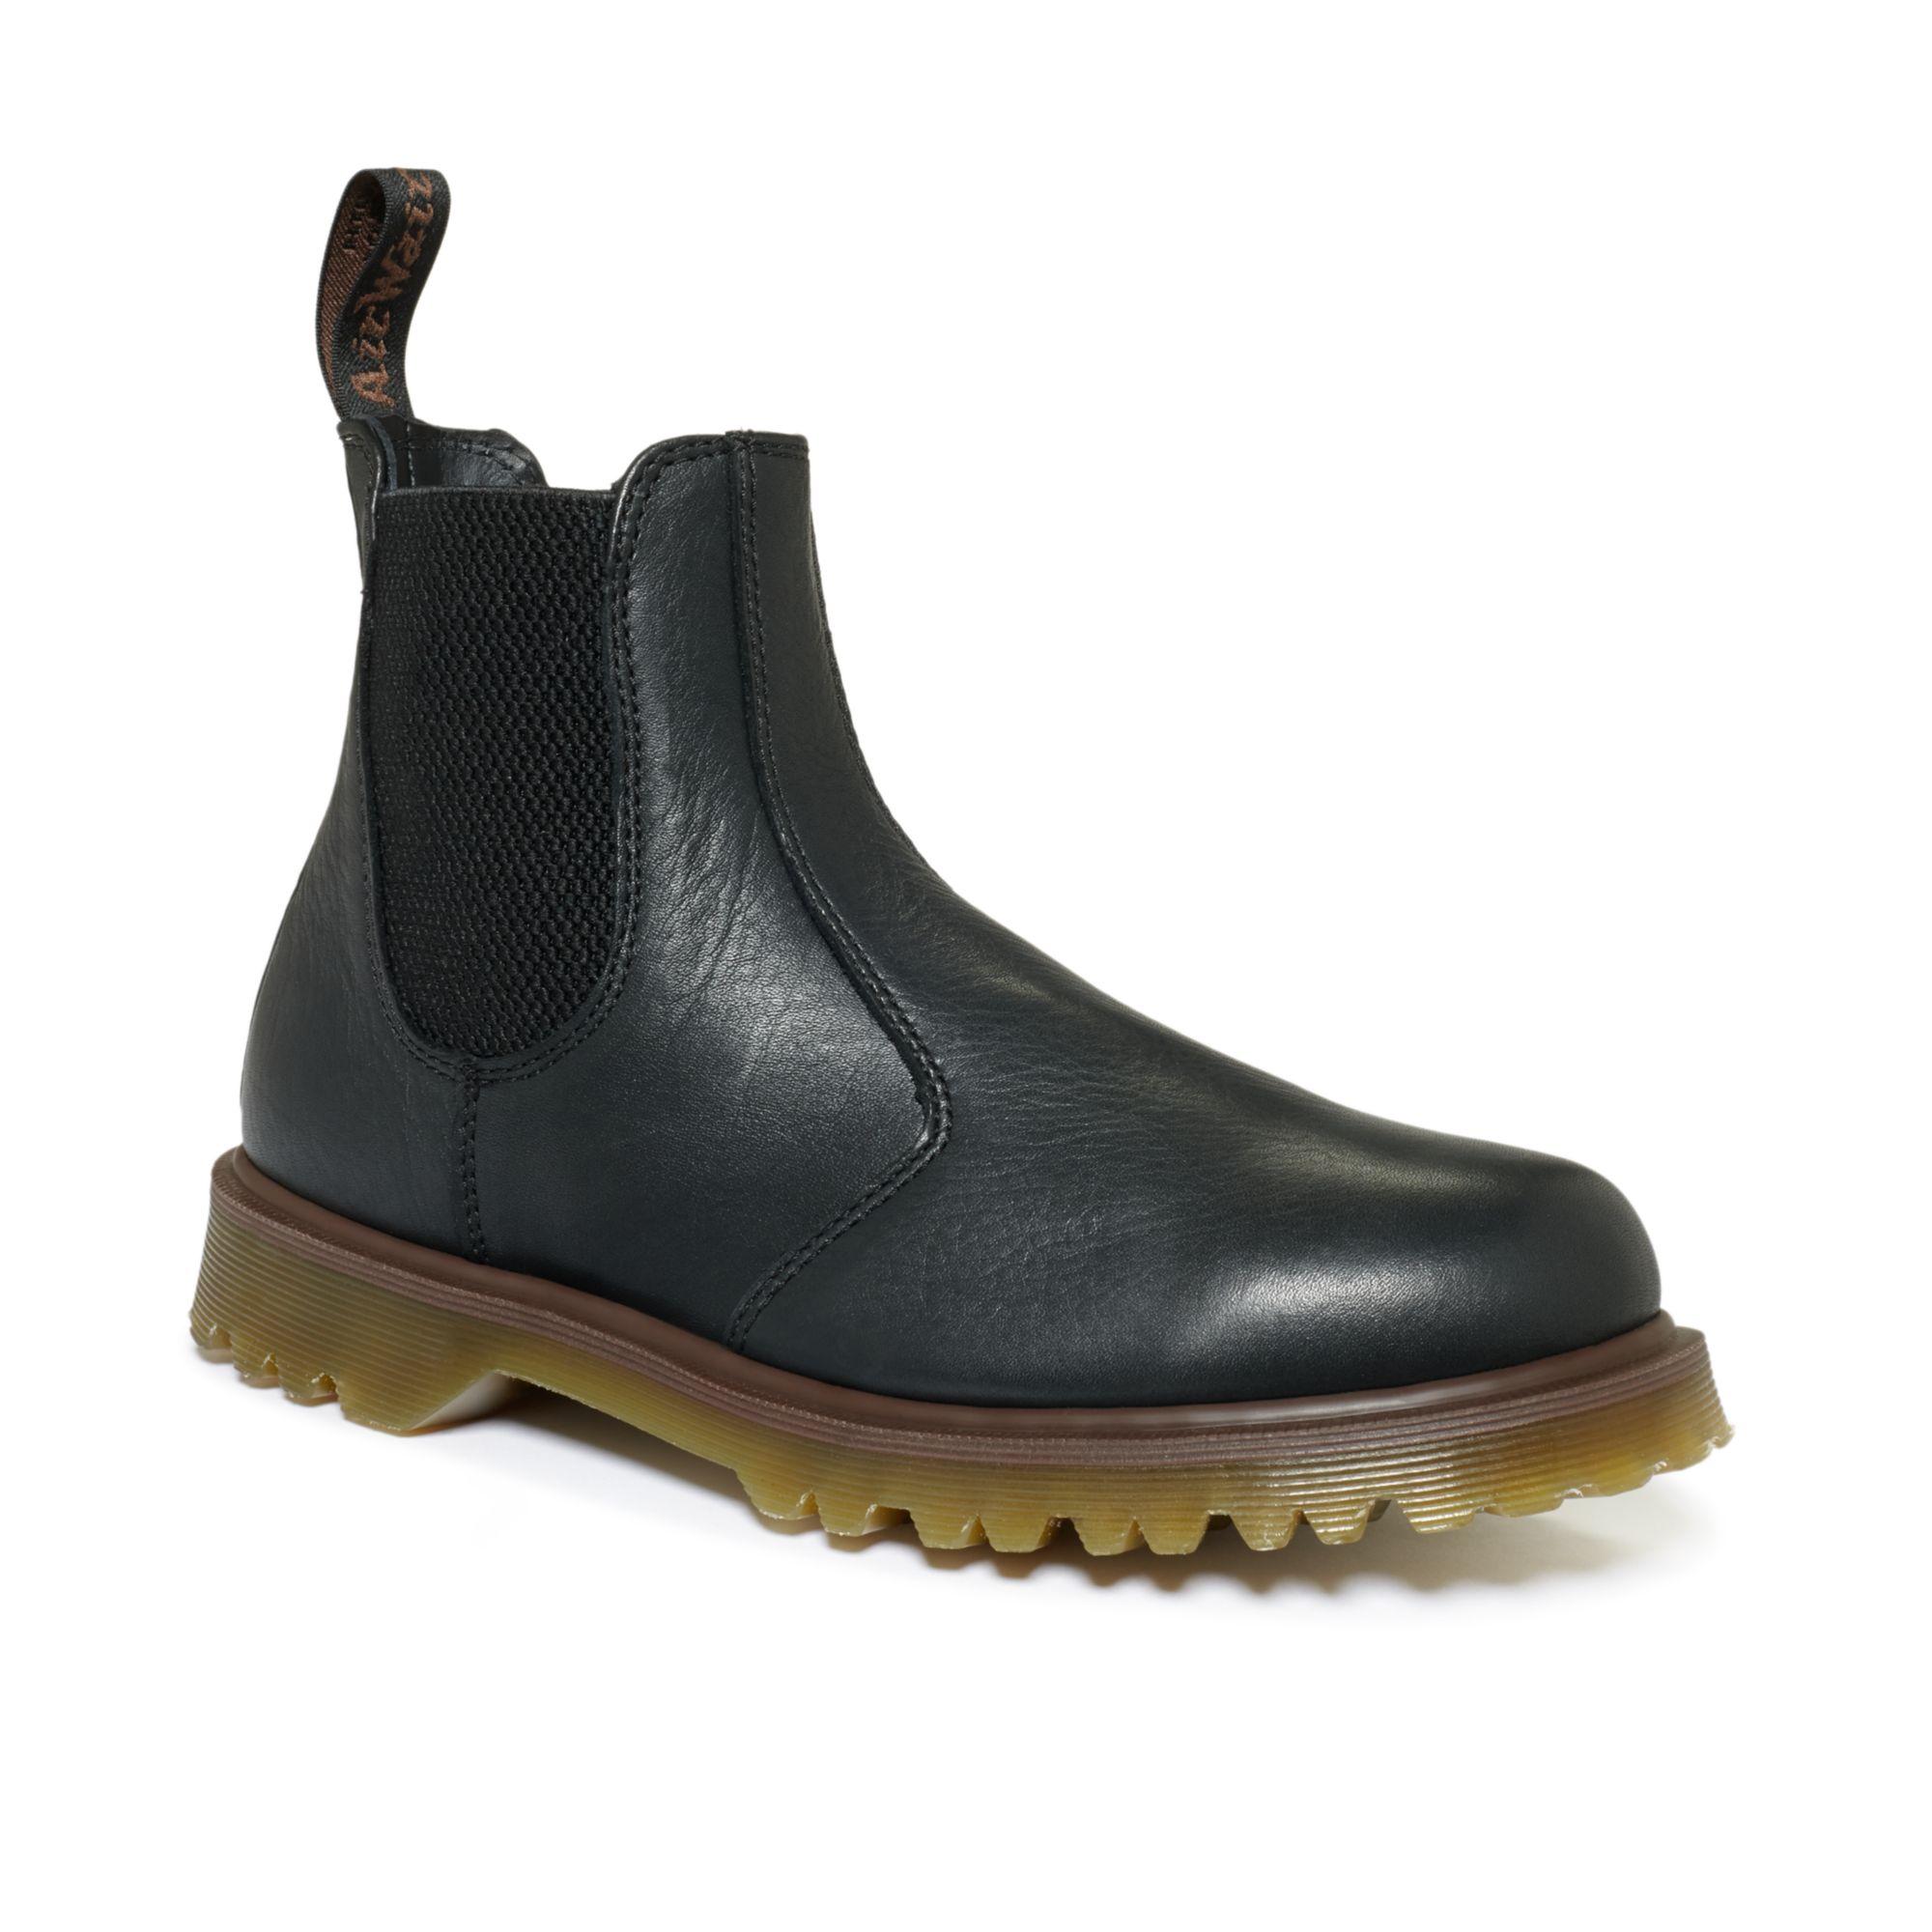 dr martens chelsea boots in black for men lyst. Black Bedroom Furniture Sets. Home Design Ideas